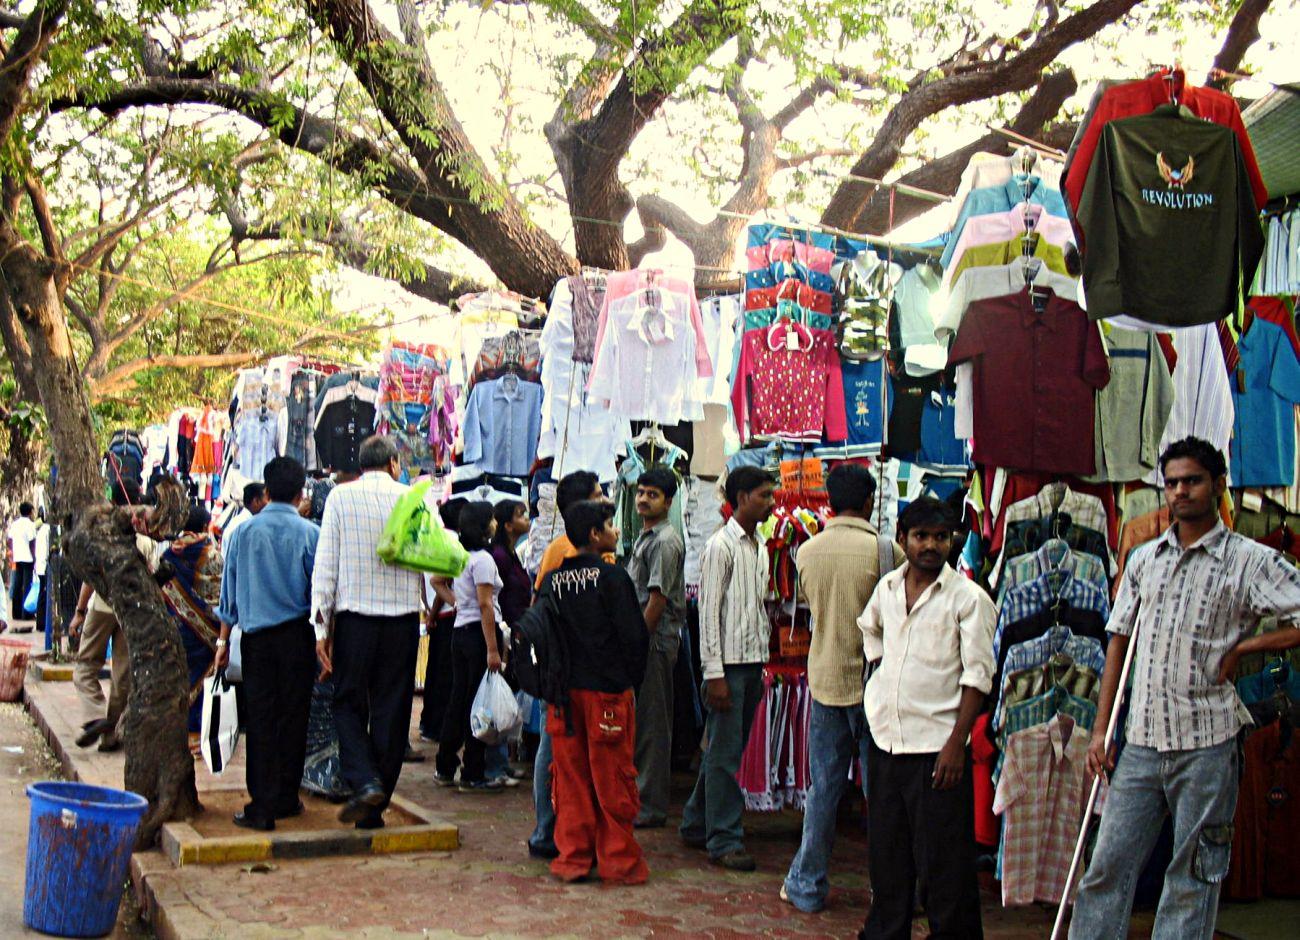 Fashion Street Reviews - Mumbai, Maharashtra Attractions - TripAdvisor